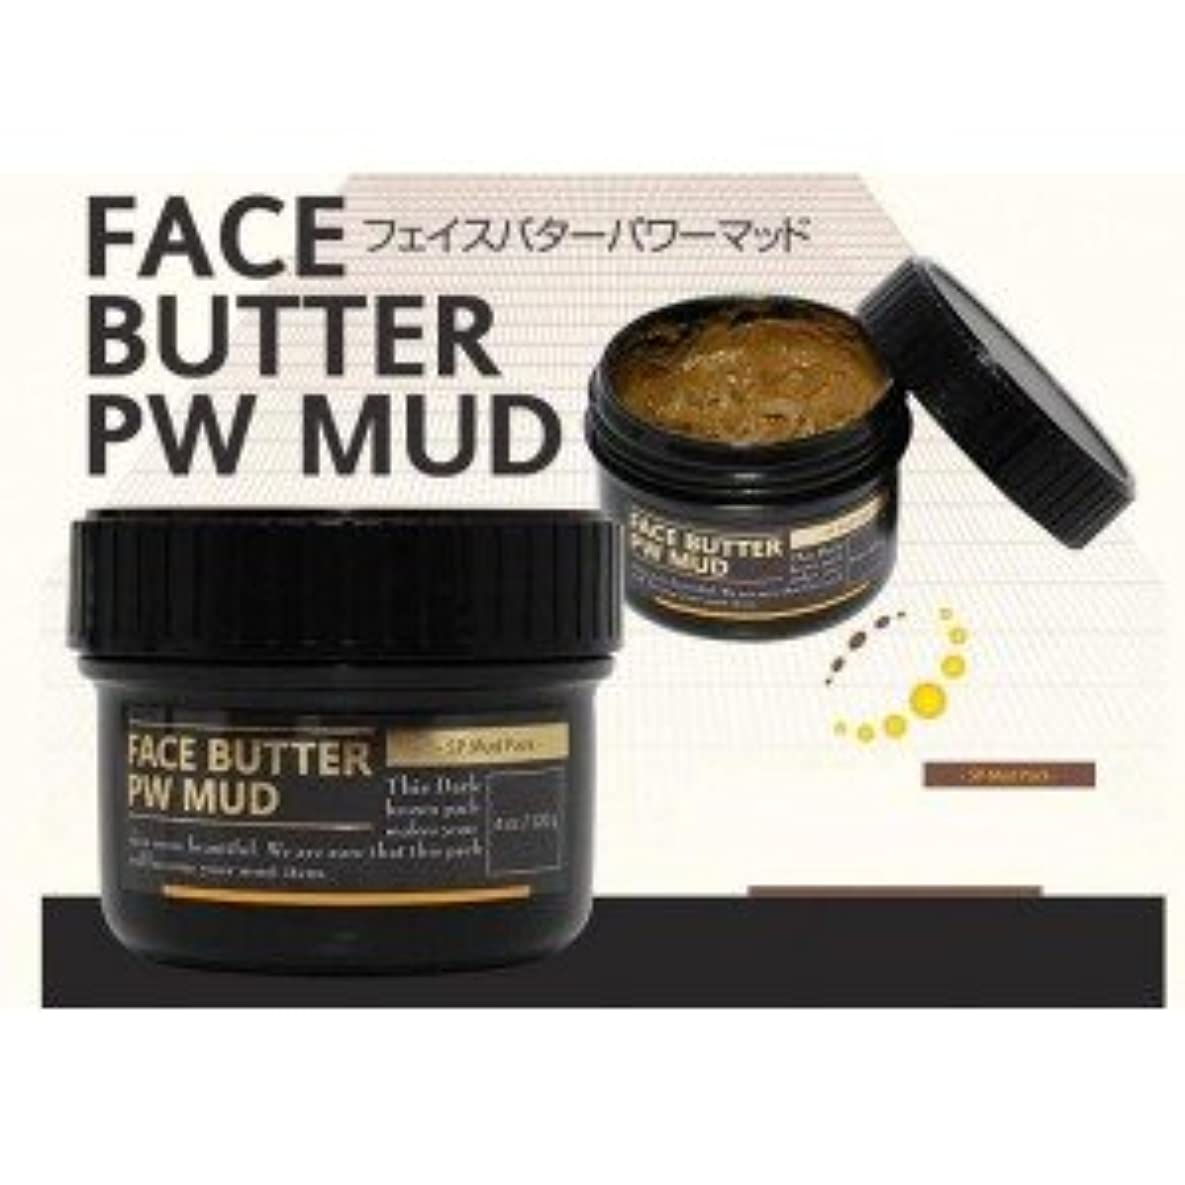 アクティフリー フェイスバターパワーマッド(FACE BUTTER PW MUD) 120g